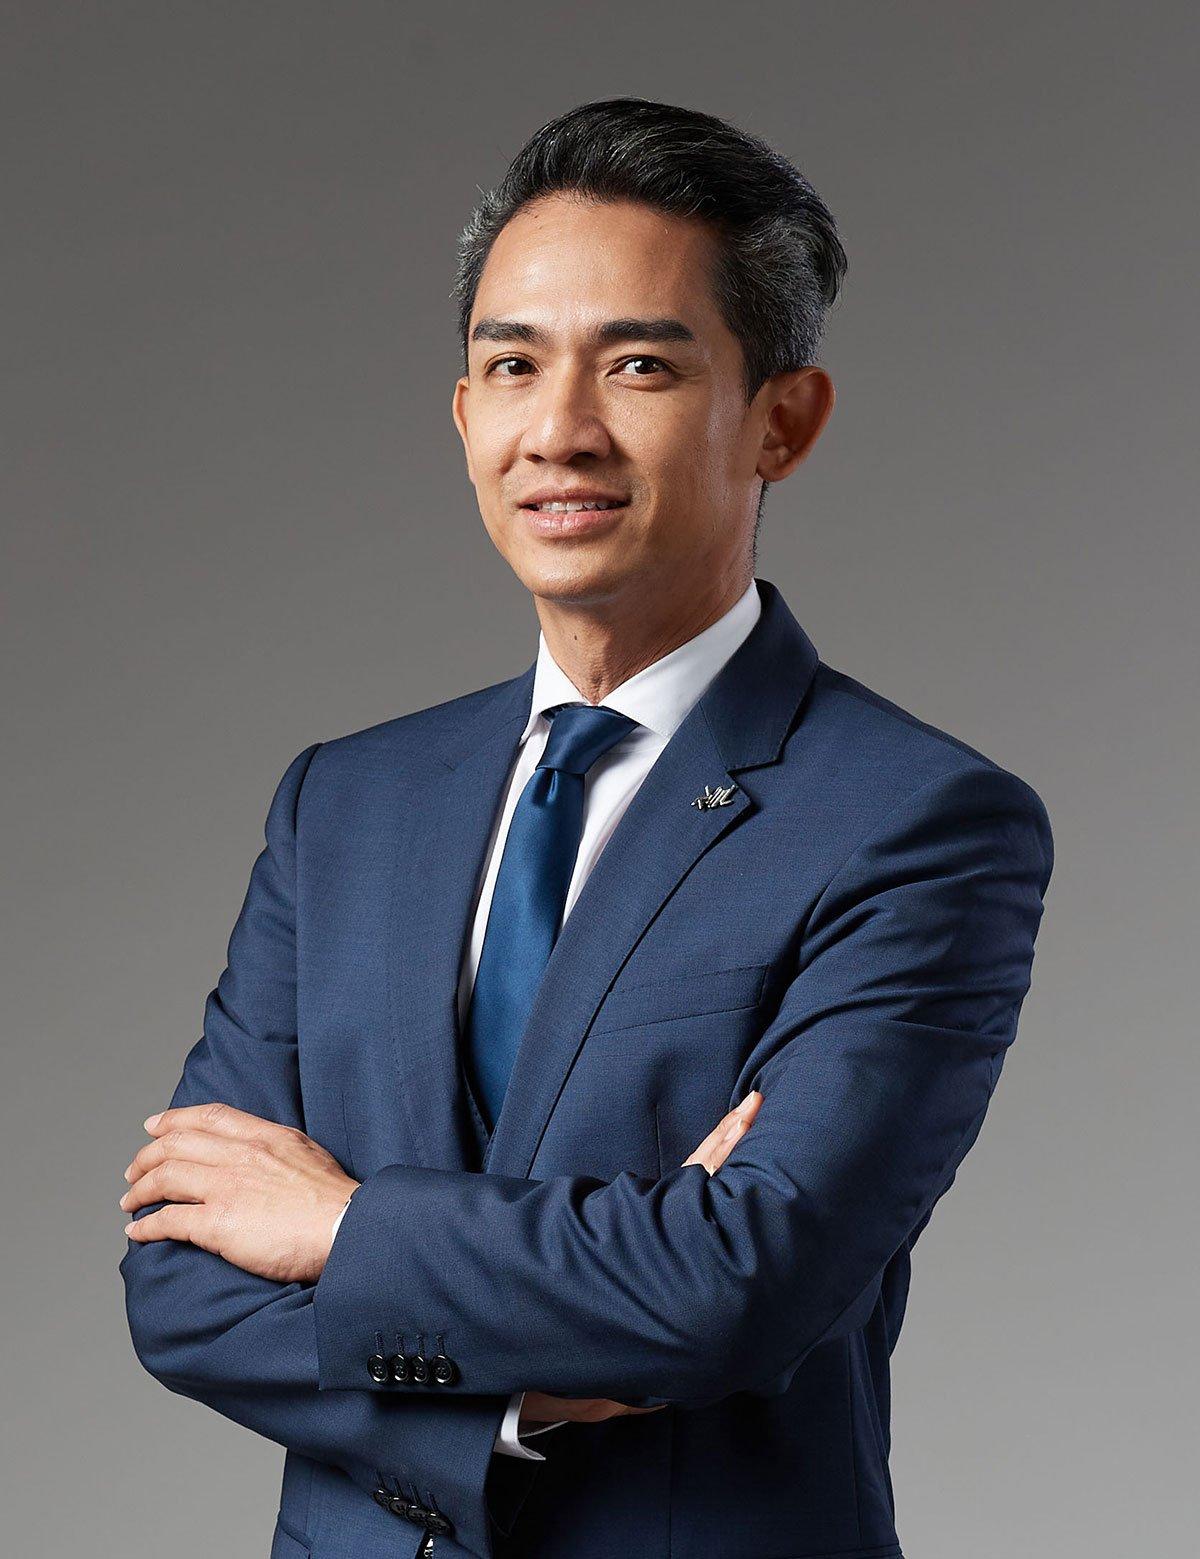 Mr. Manatase Annawat